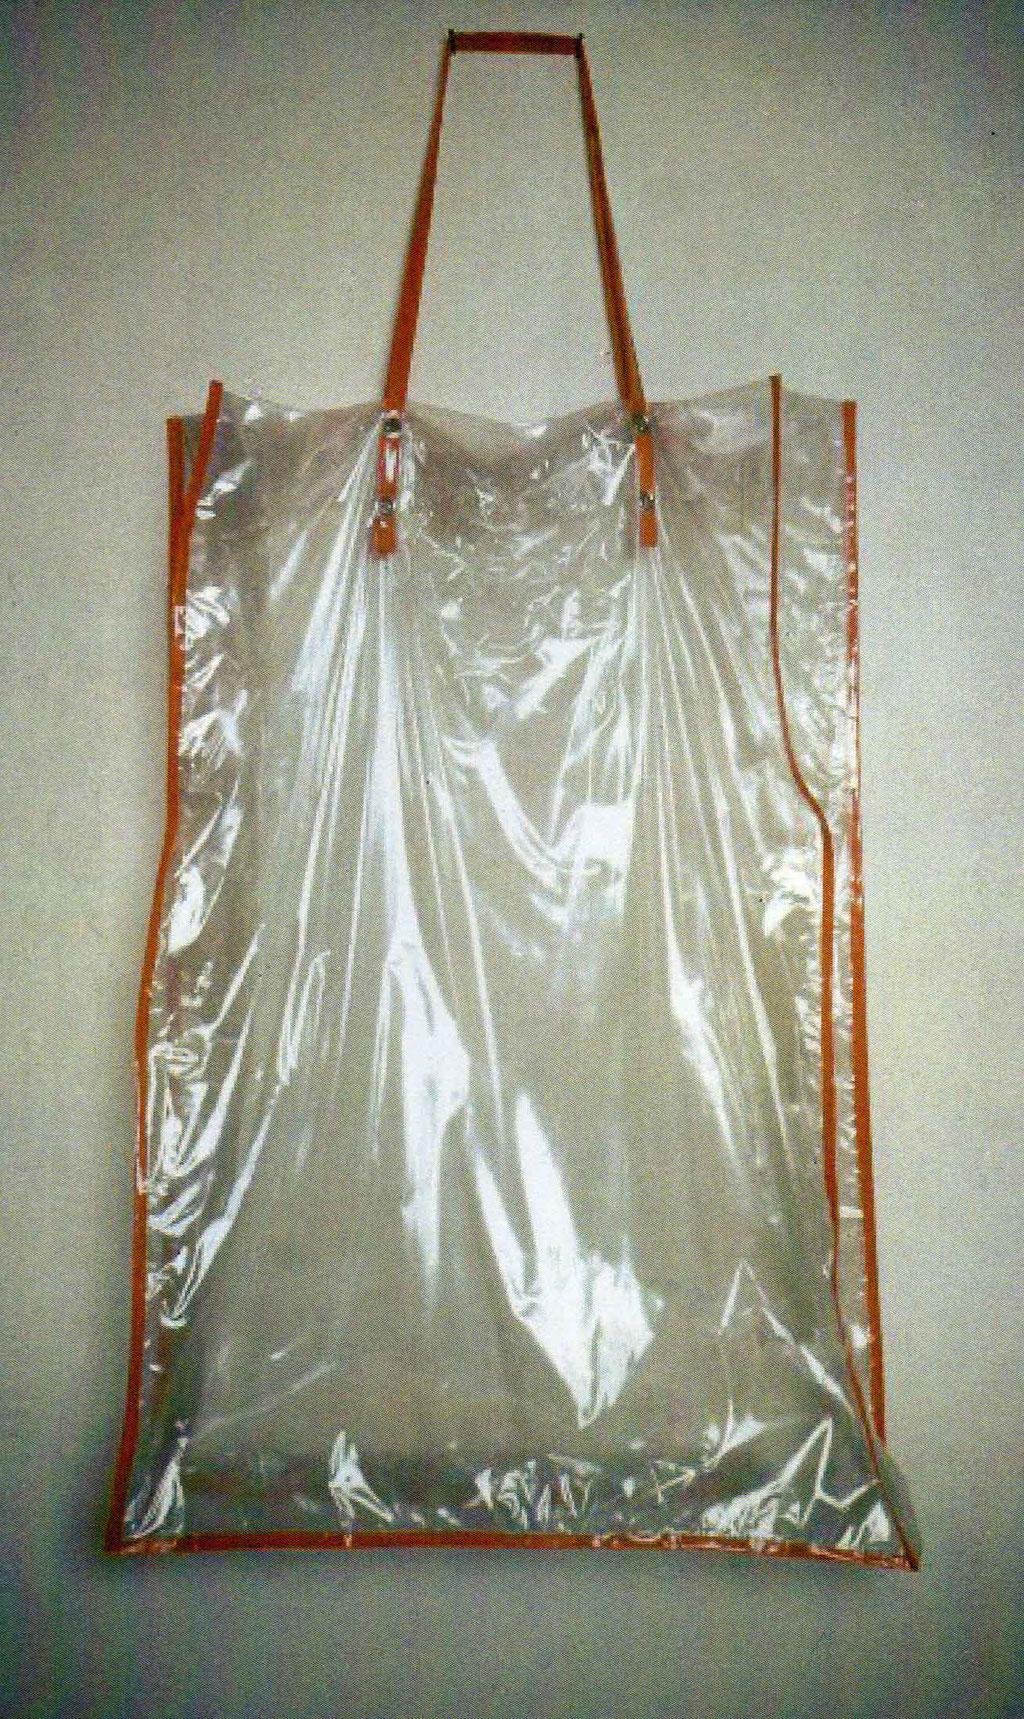 Faire son marché, plastique, 1m50 - 1971